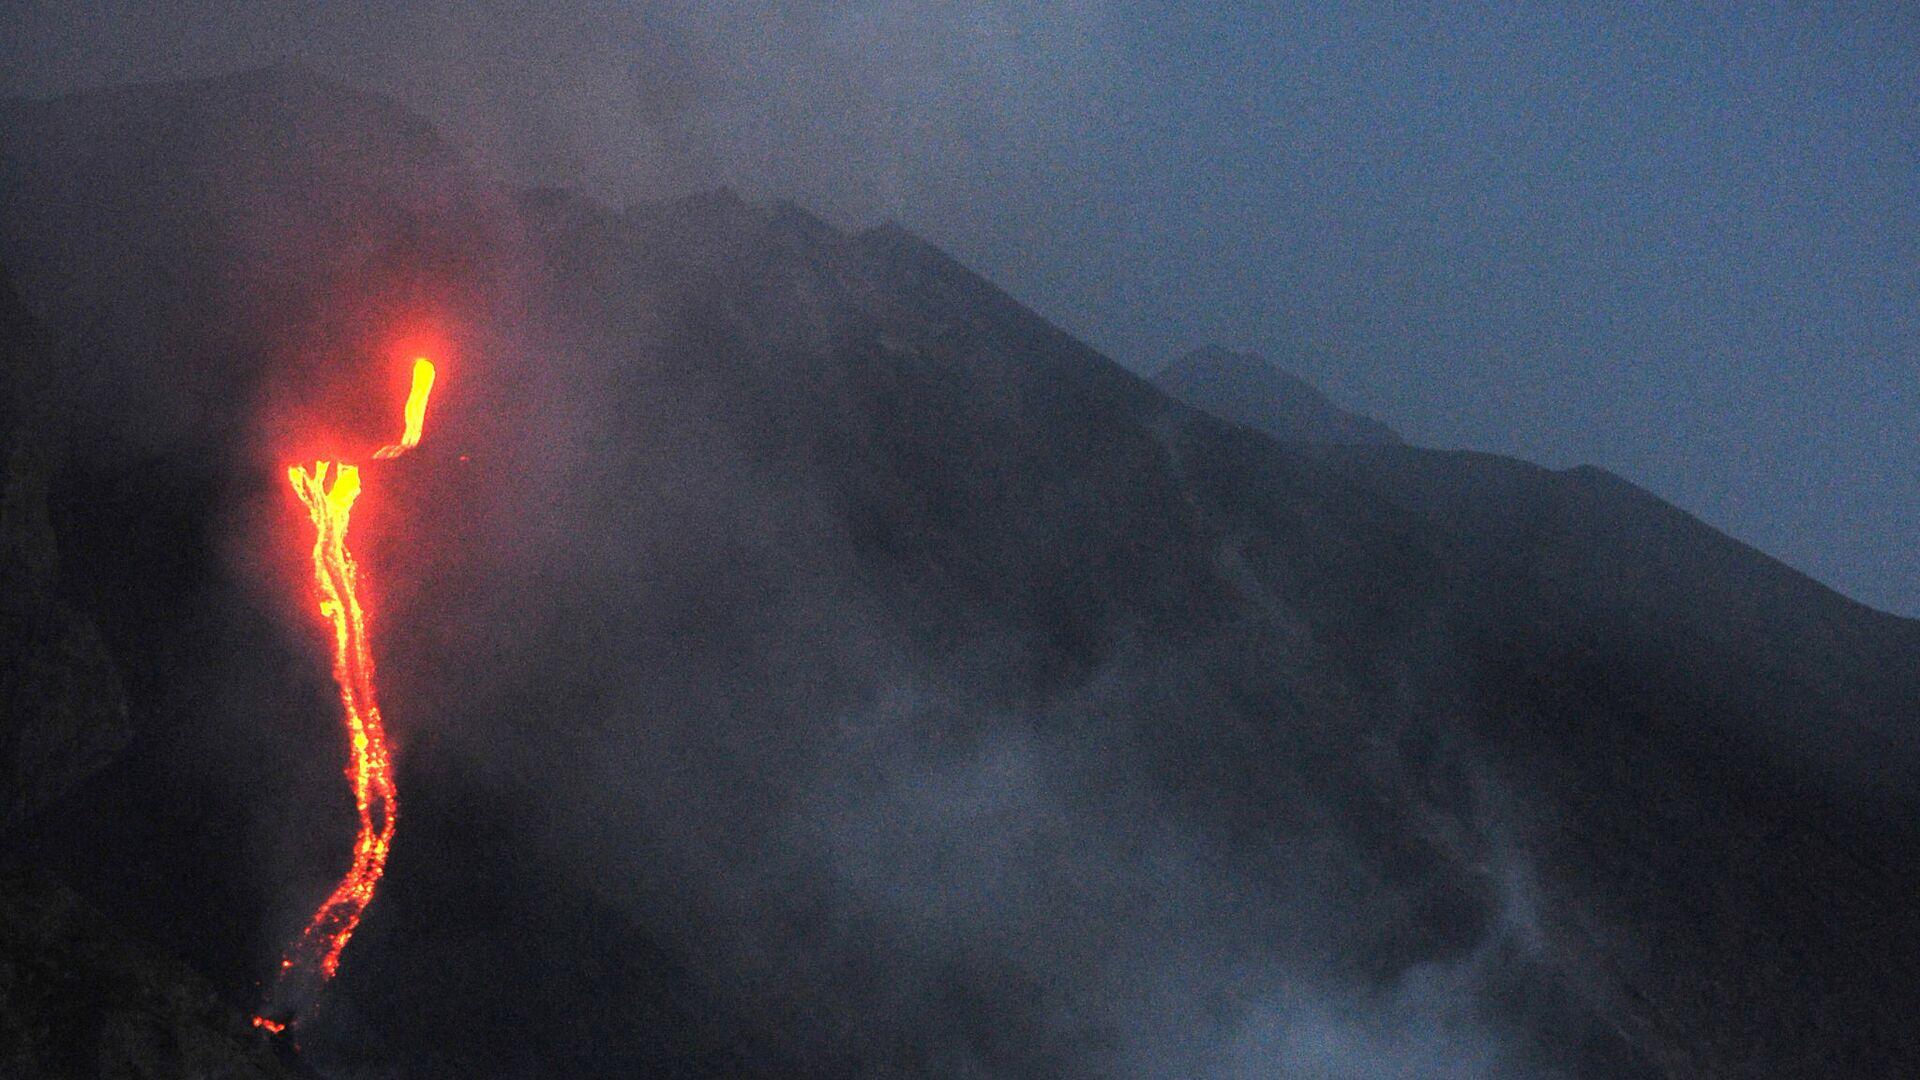 I turisti su una nave vicino al vulcano in eruzione Stromboli, Italia - Sputnik Italia, 1920, 19.05.2021